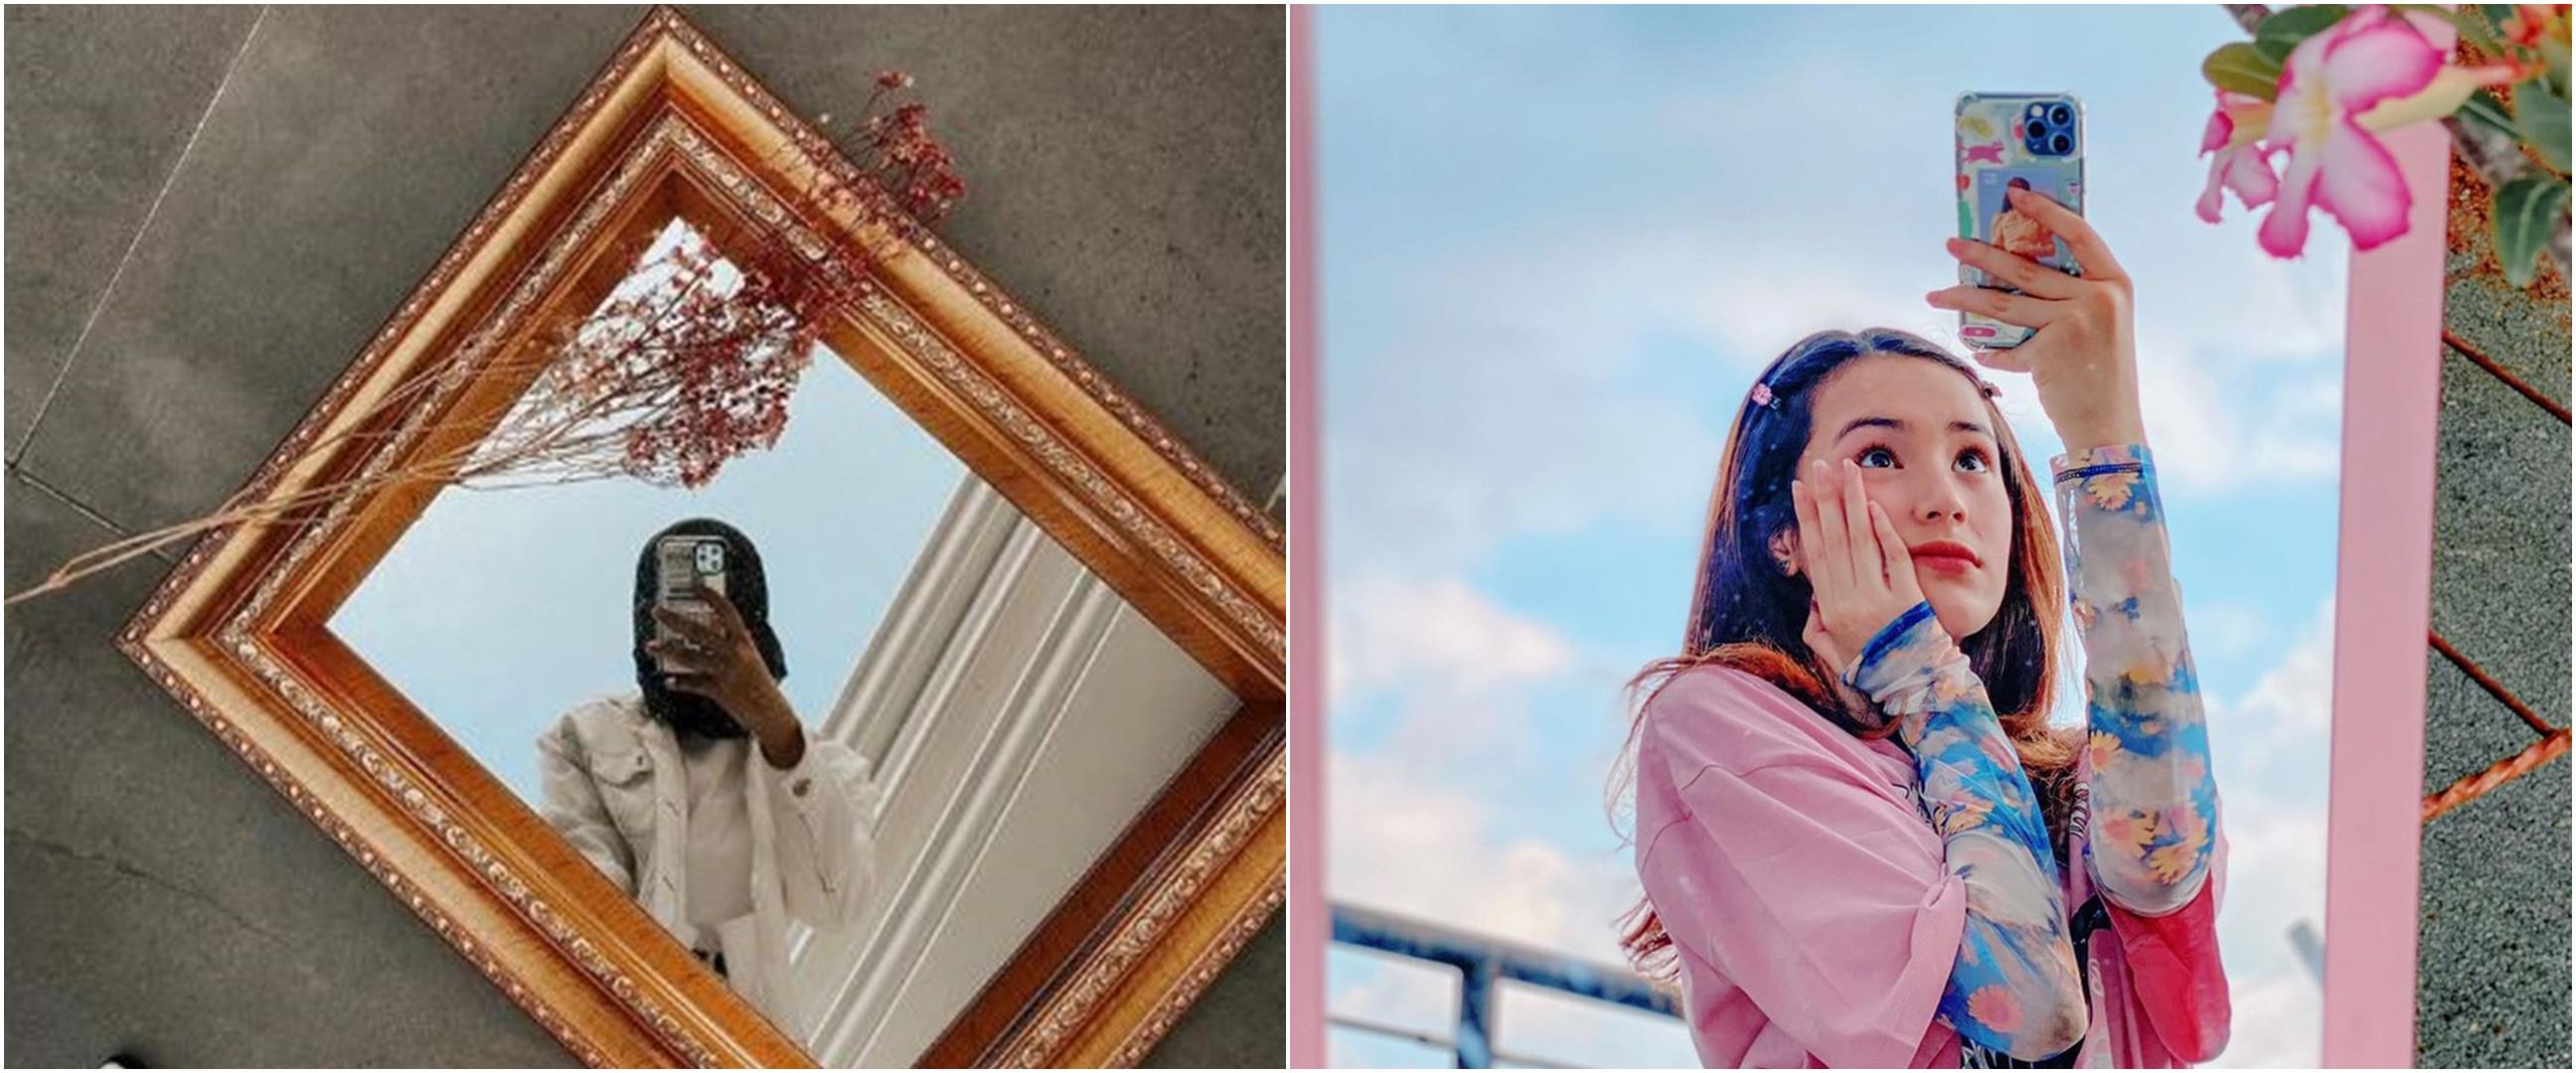 Pesona 7 seleb cantik saat outside mirror selfie, gayanya memukau